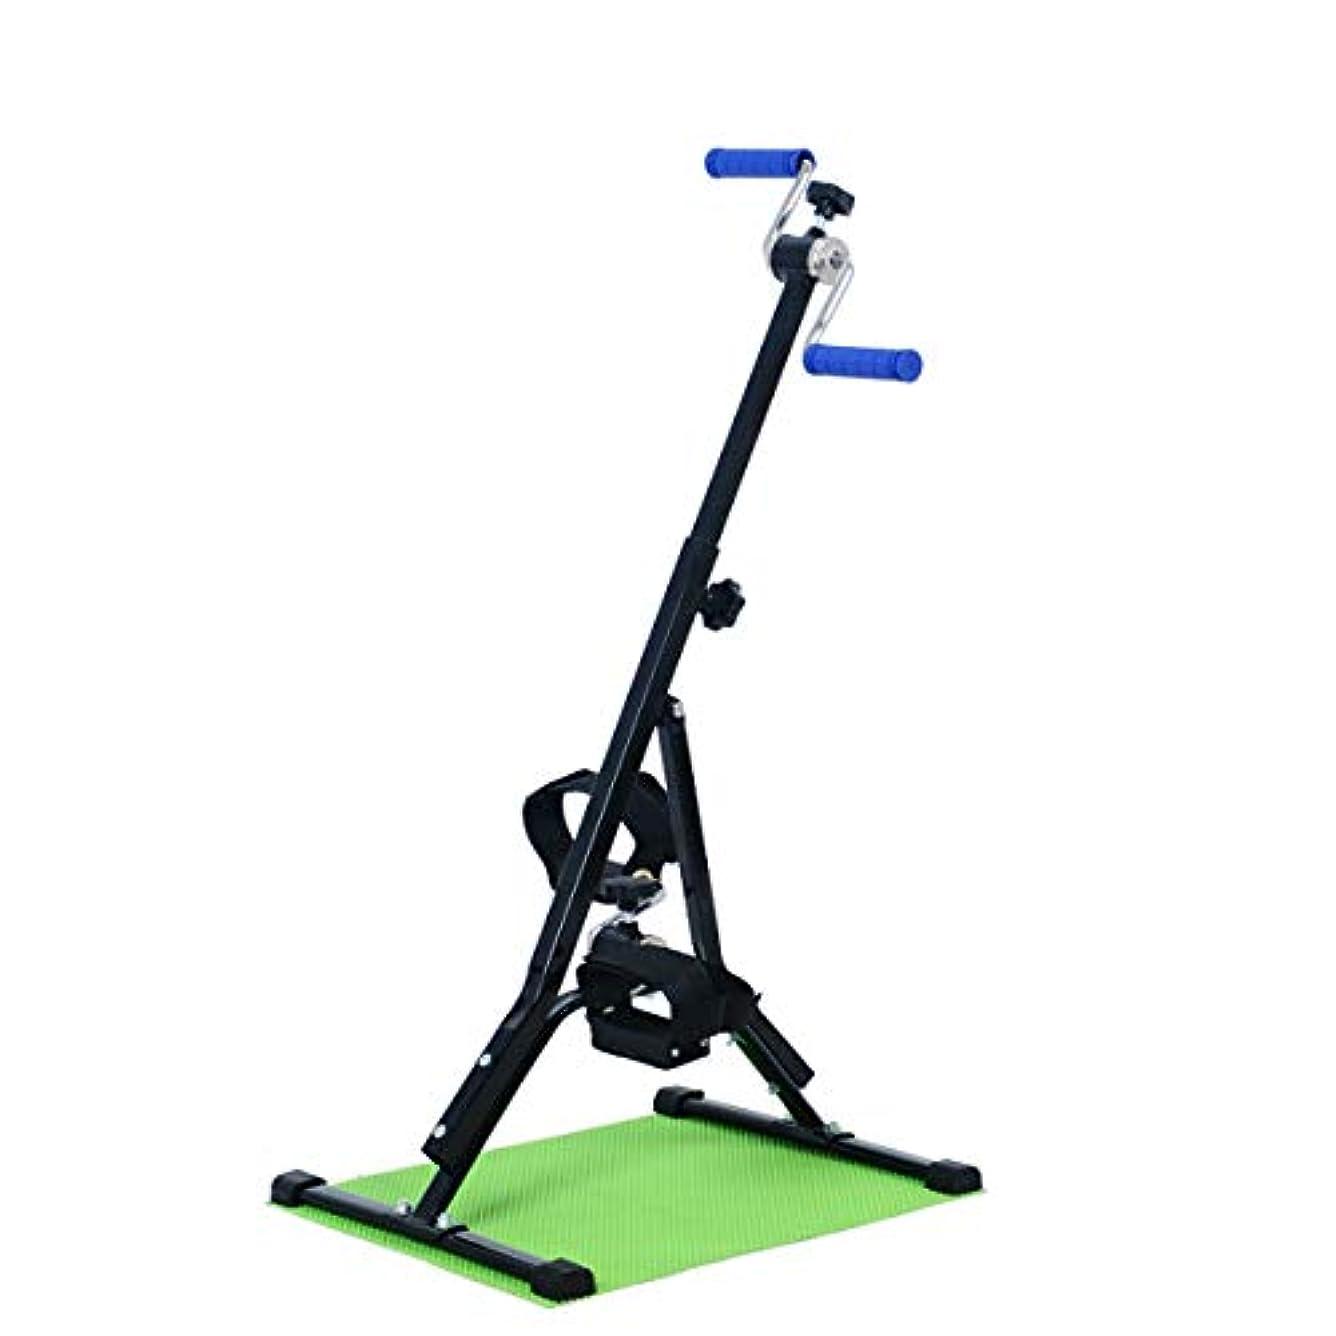 スペル果てしないインタフェース上下肢トレーニング機器、ホームレッグアームペダルエクササイザー、高齢者リハビリテーションのための脳卒中片麻痺自転車ホーム理学療法フィットネスワークアウト,A